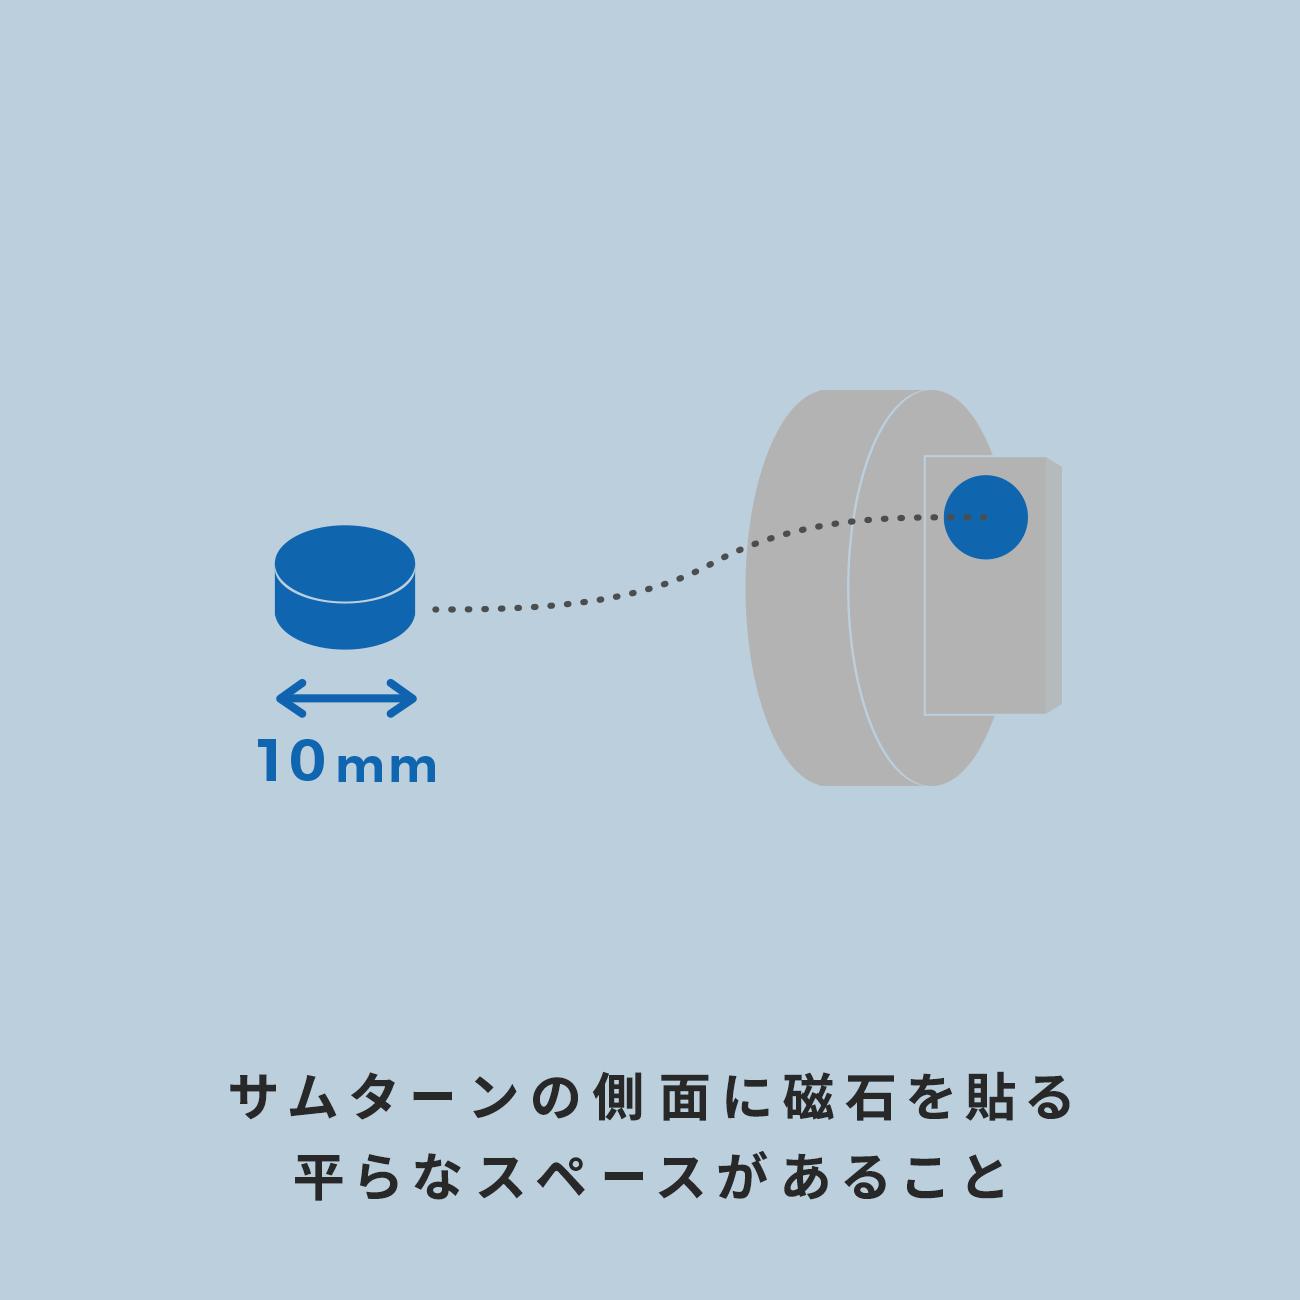 サムターンの側面に「磁石」を貼る平らなスペースがあること。